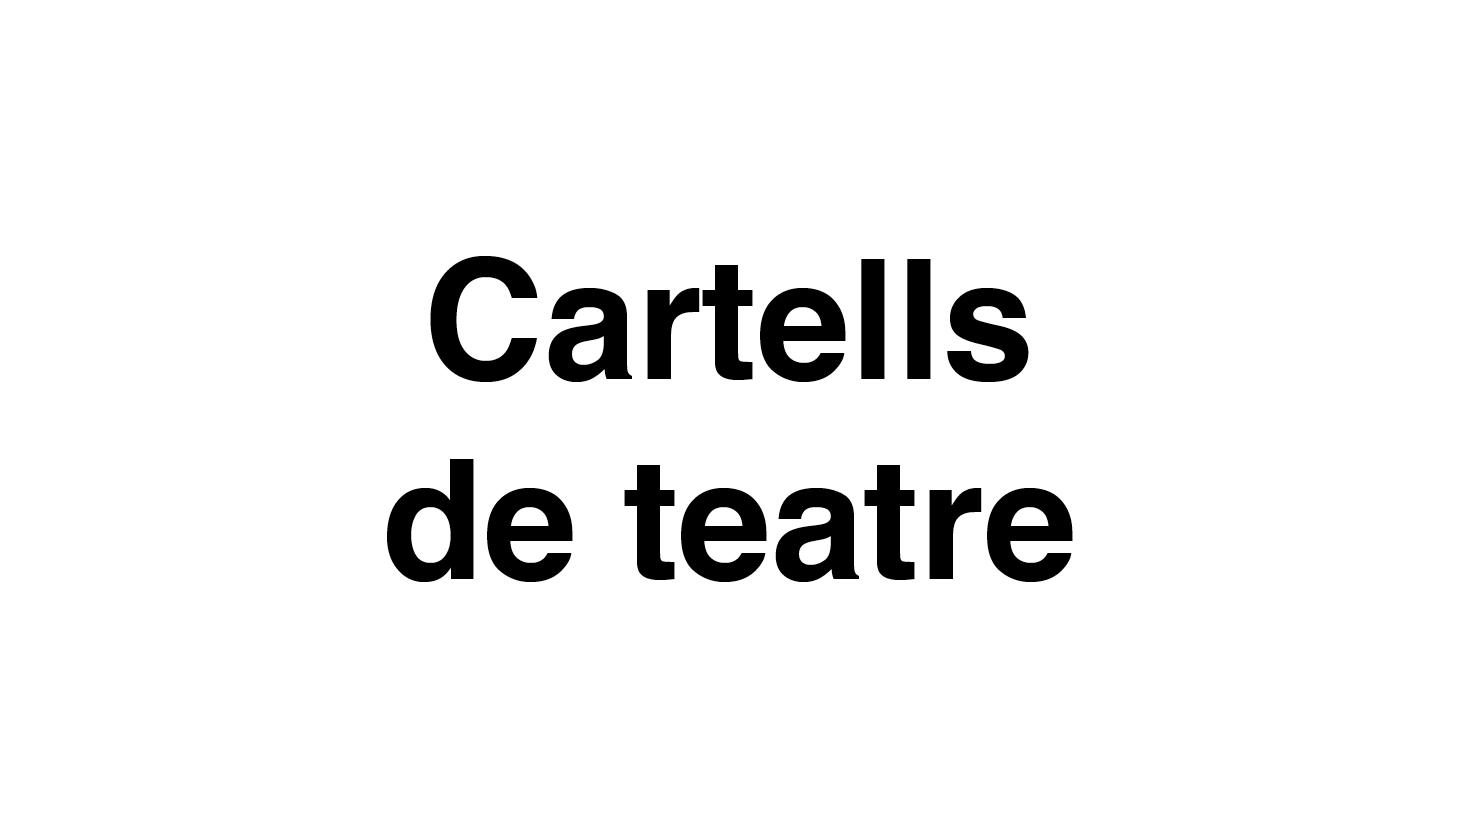 Cartells de teatre